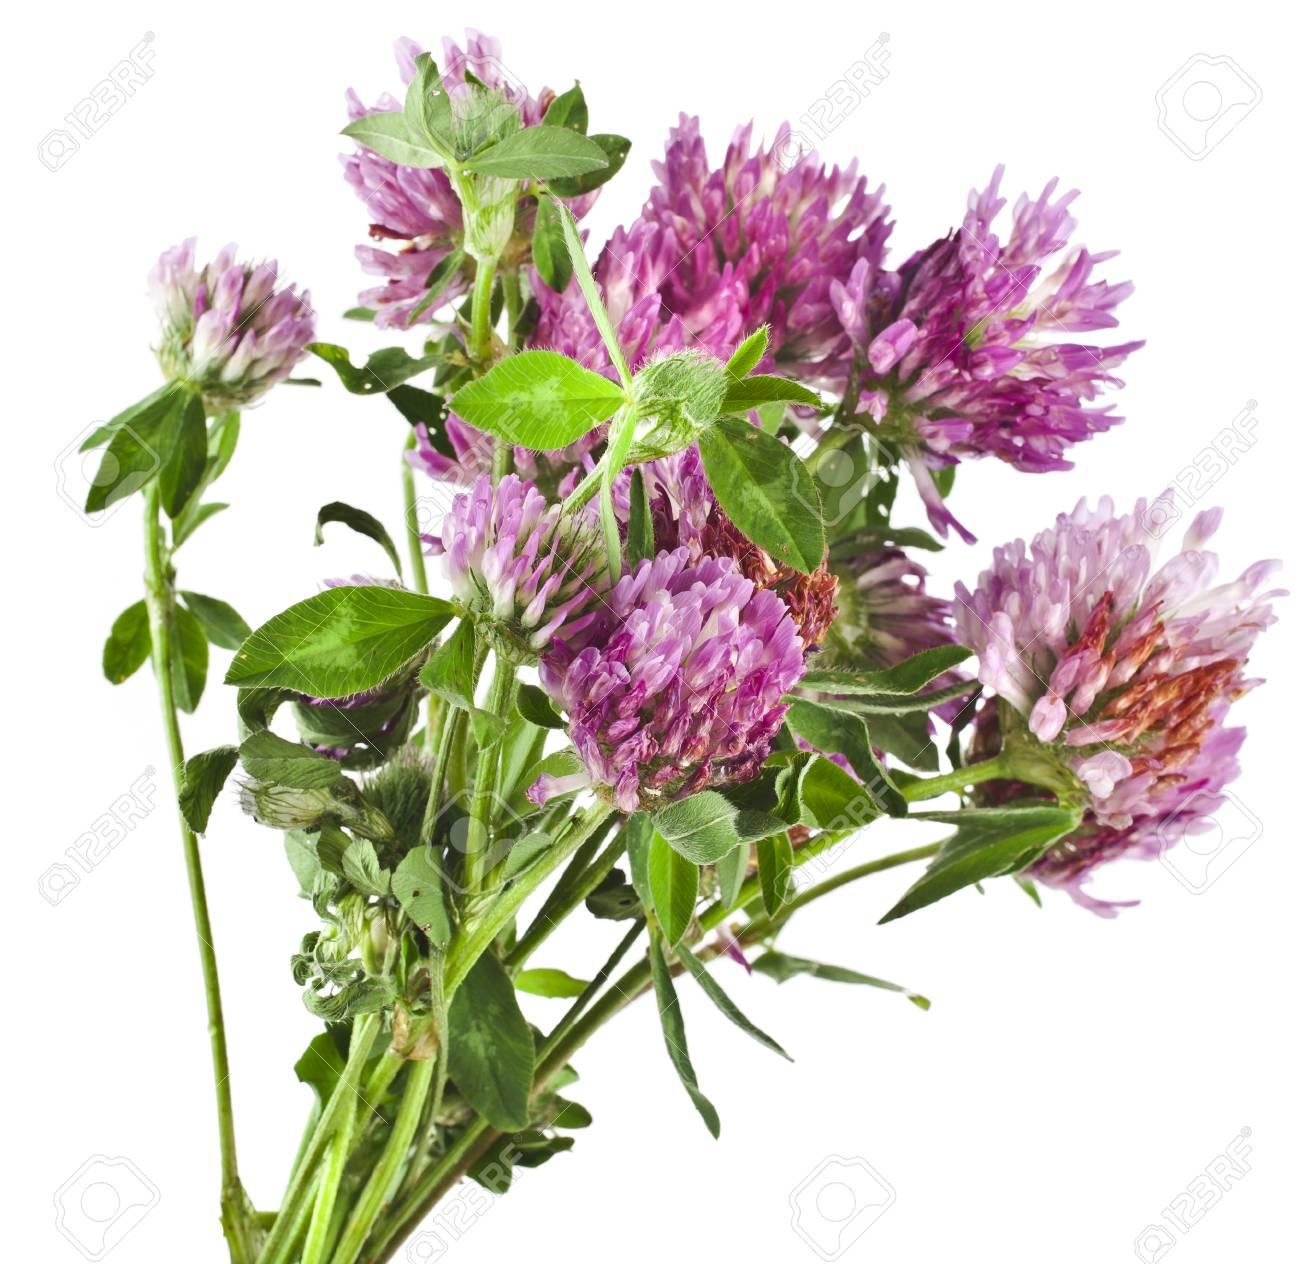 Gros Plan Des Fleurs De Trefle Rouge Trifolium Pratense Isole Sur